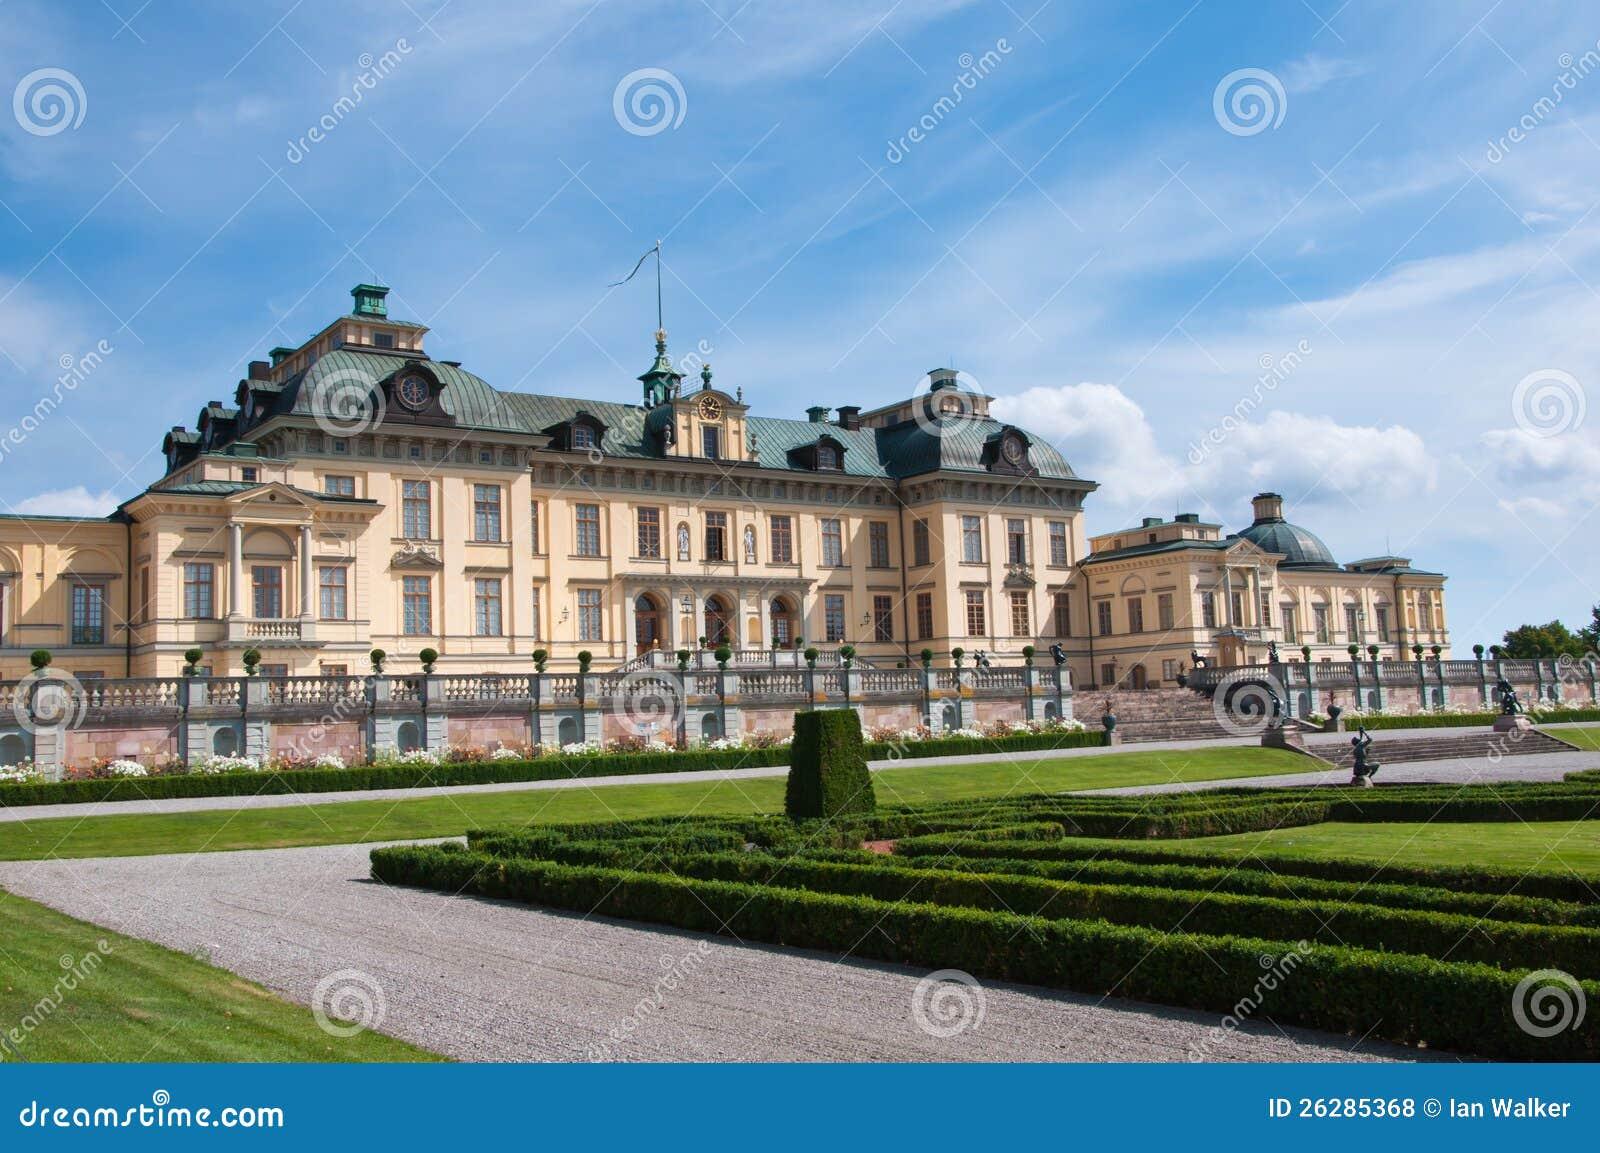 Drottningholm Palace Stockholm Sweden Stock Photo